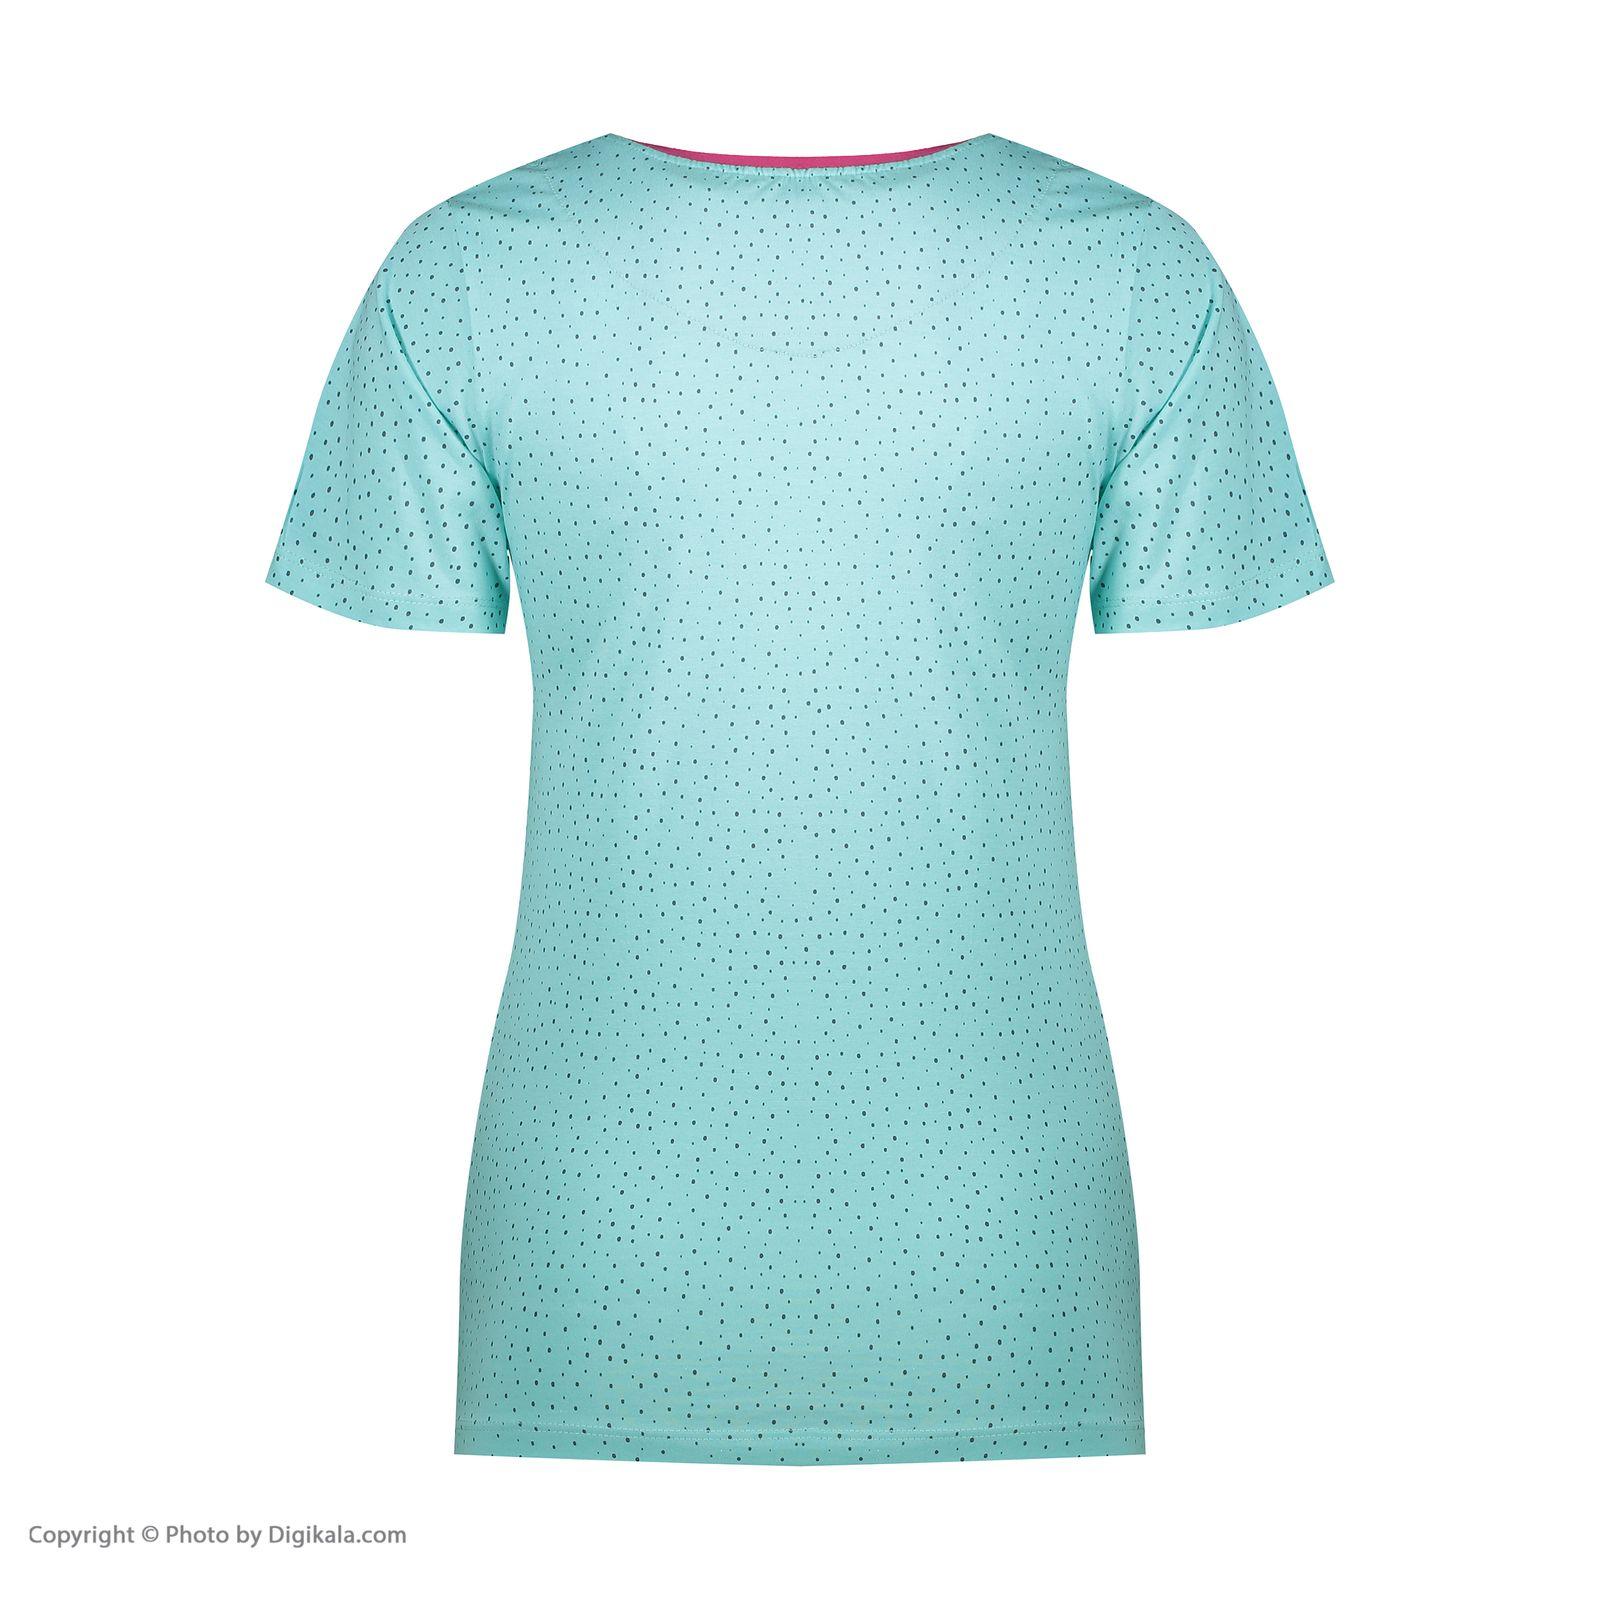 ست تی شرت و شلوارک راحتی زنانه مادر مدل 2041102-54 -  - 6